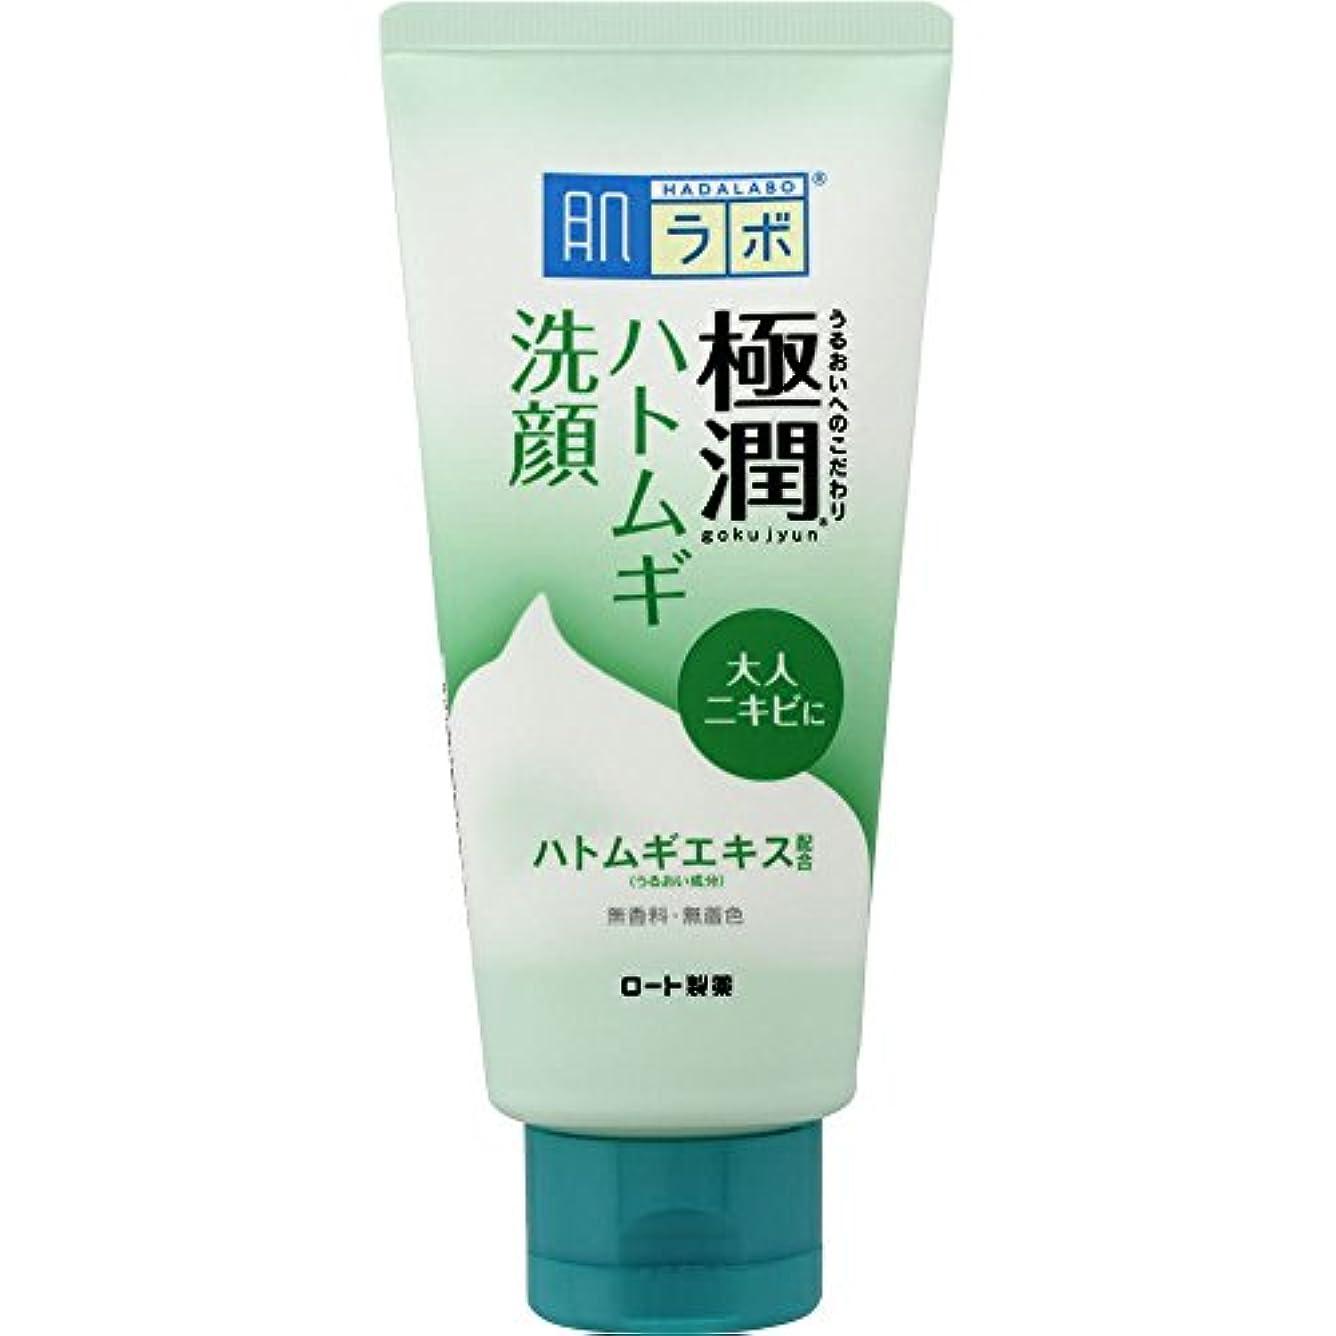 肯定的ライバル件名肌ラボ 極潤 毛穴洗浄 大人ニキビ予防 ハトムギ洗顔フォーム 100g